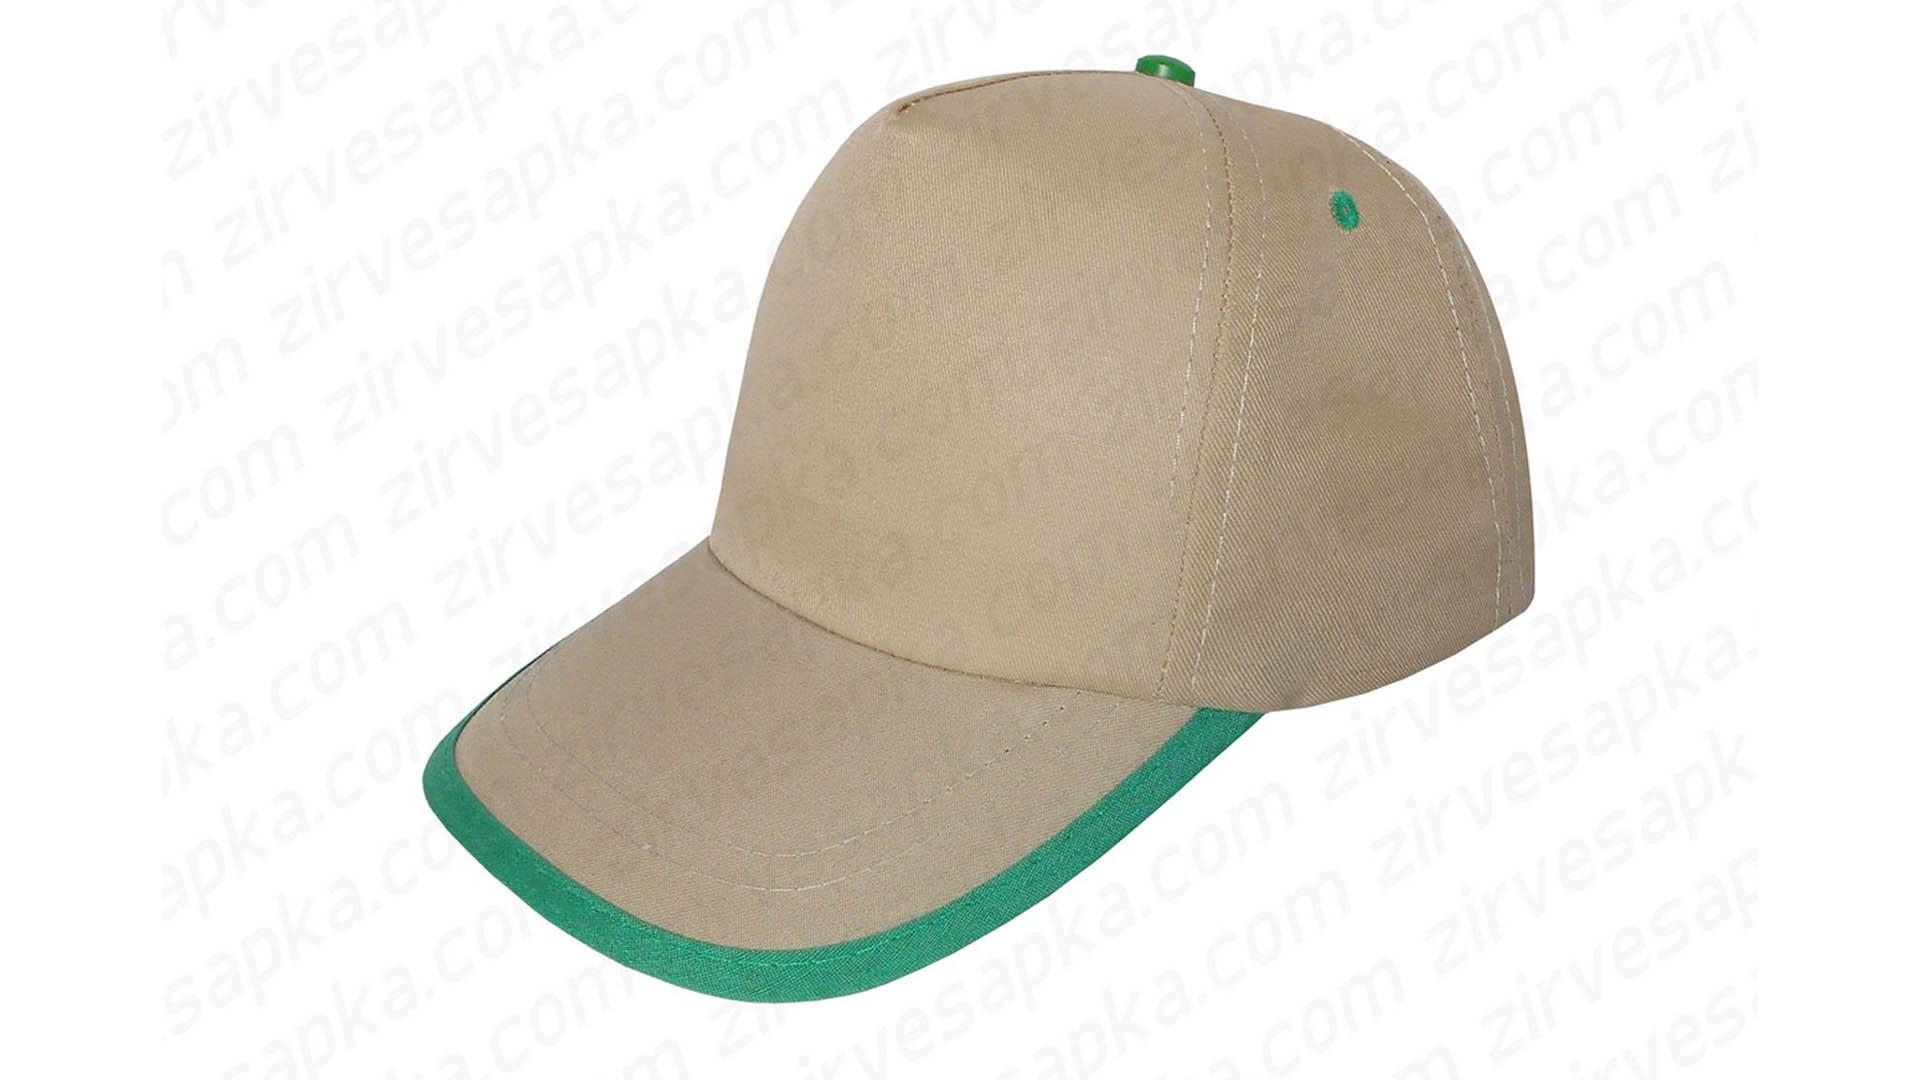 Siperi Biyeli Bereket Şapka - Bej Yeşil